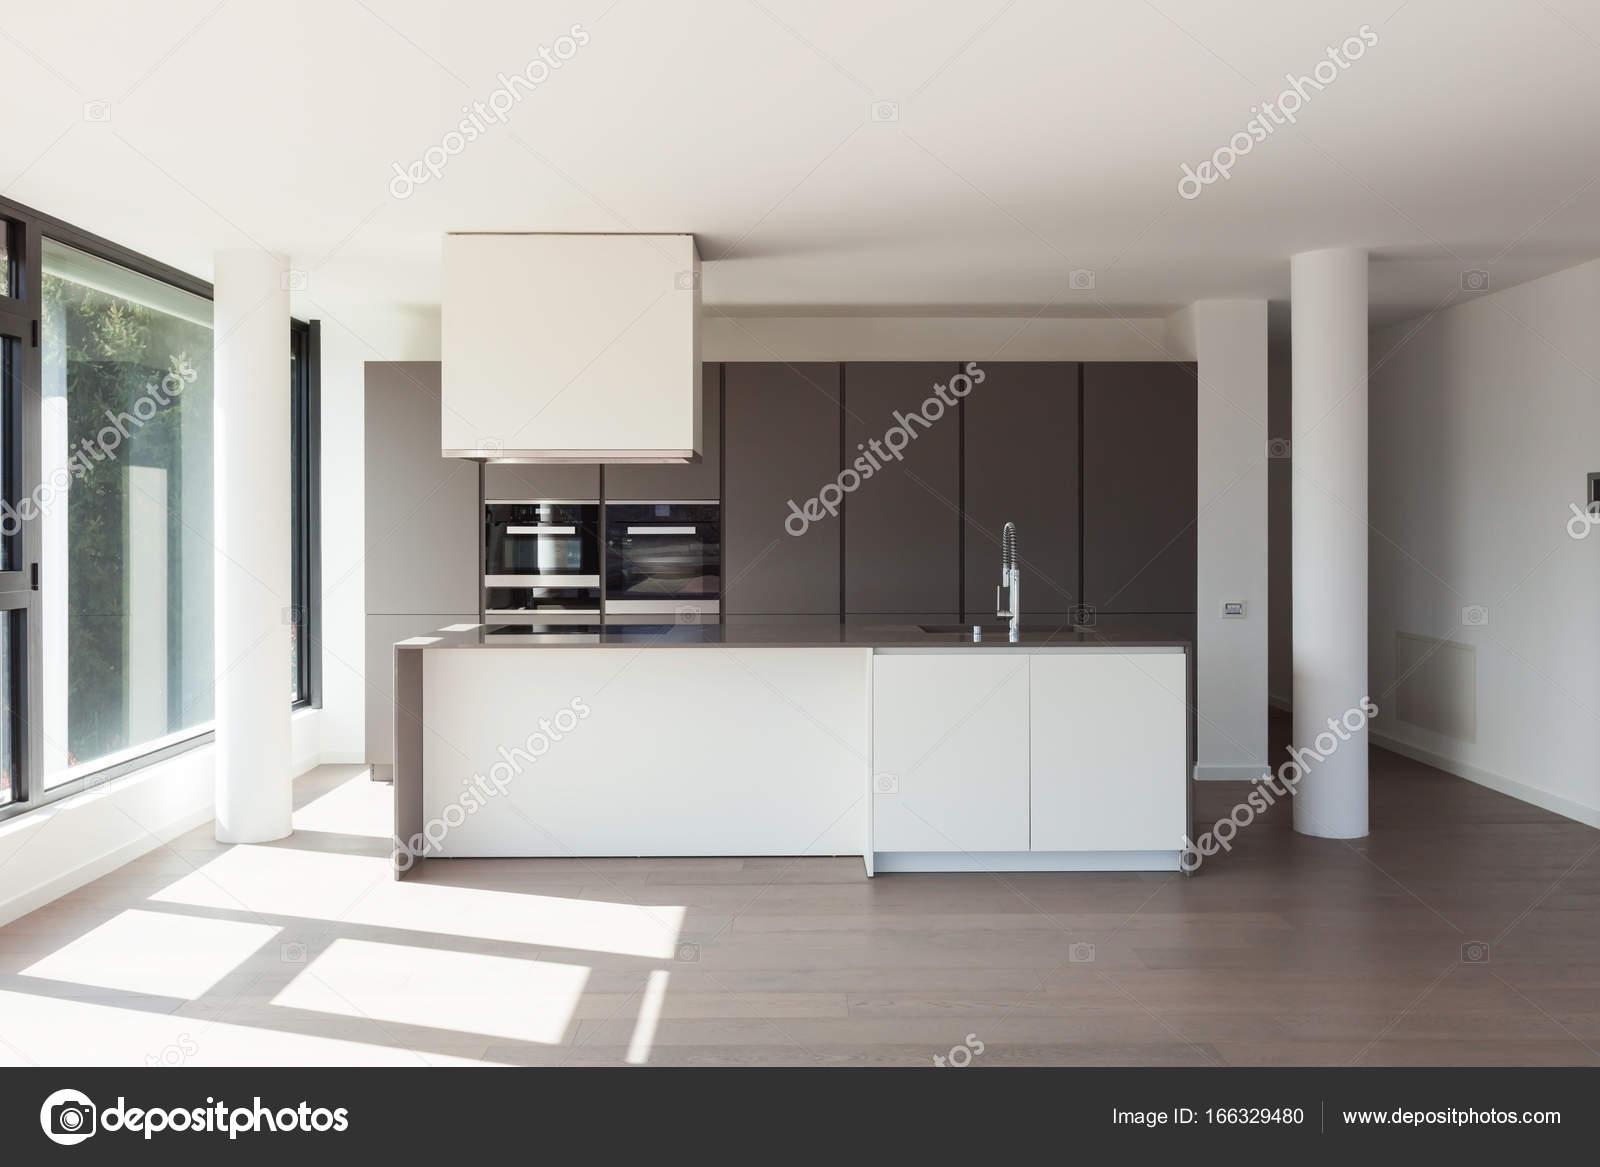 Cozinha Da Ilha Em Uma Ampla Sala Fotografias De Stock Zveiger